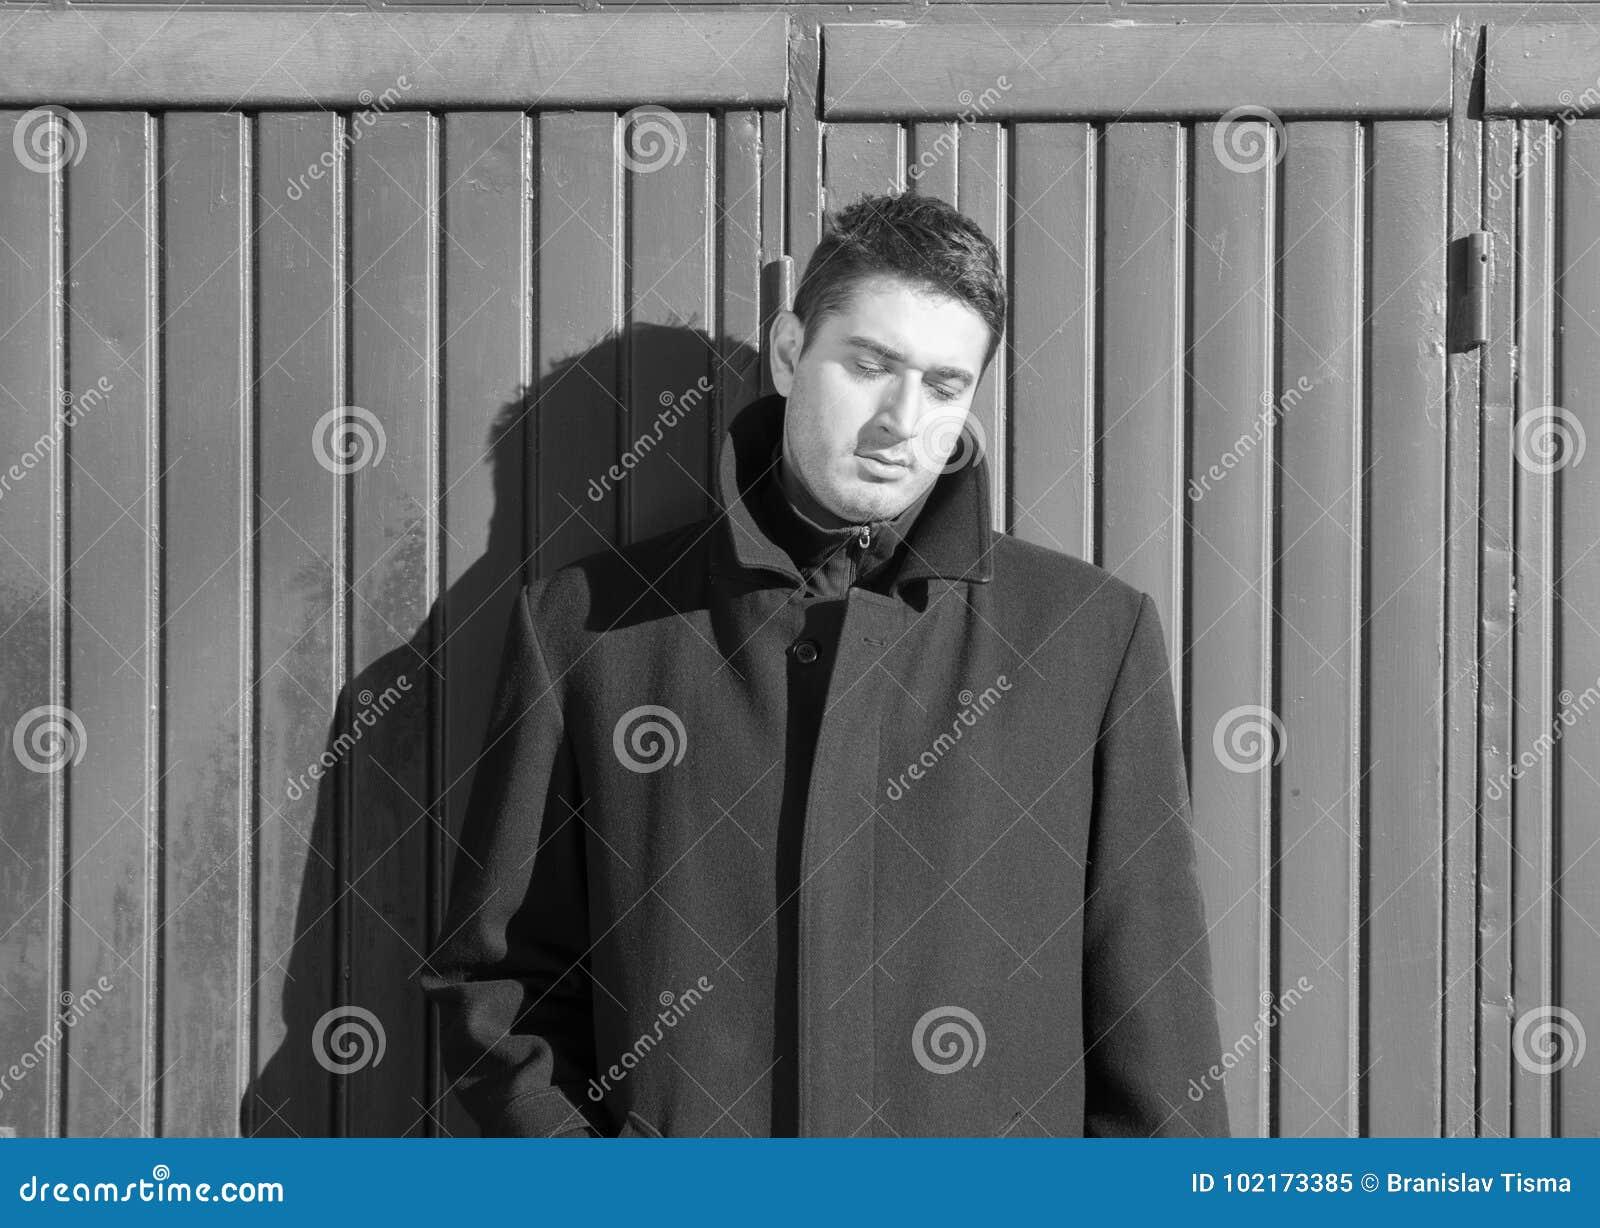 Imahe preto e branco de homem deprimido